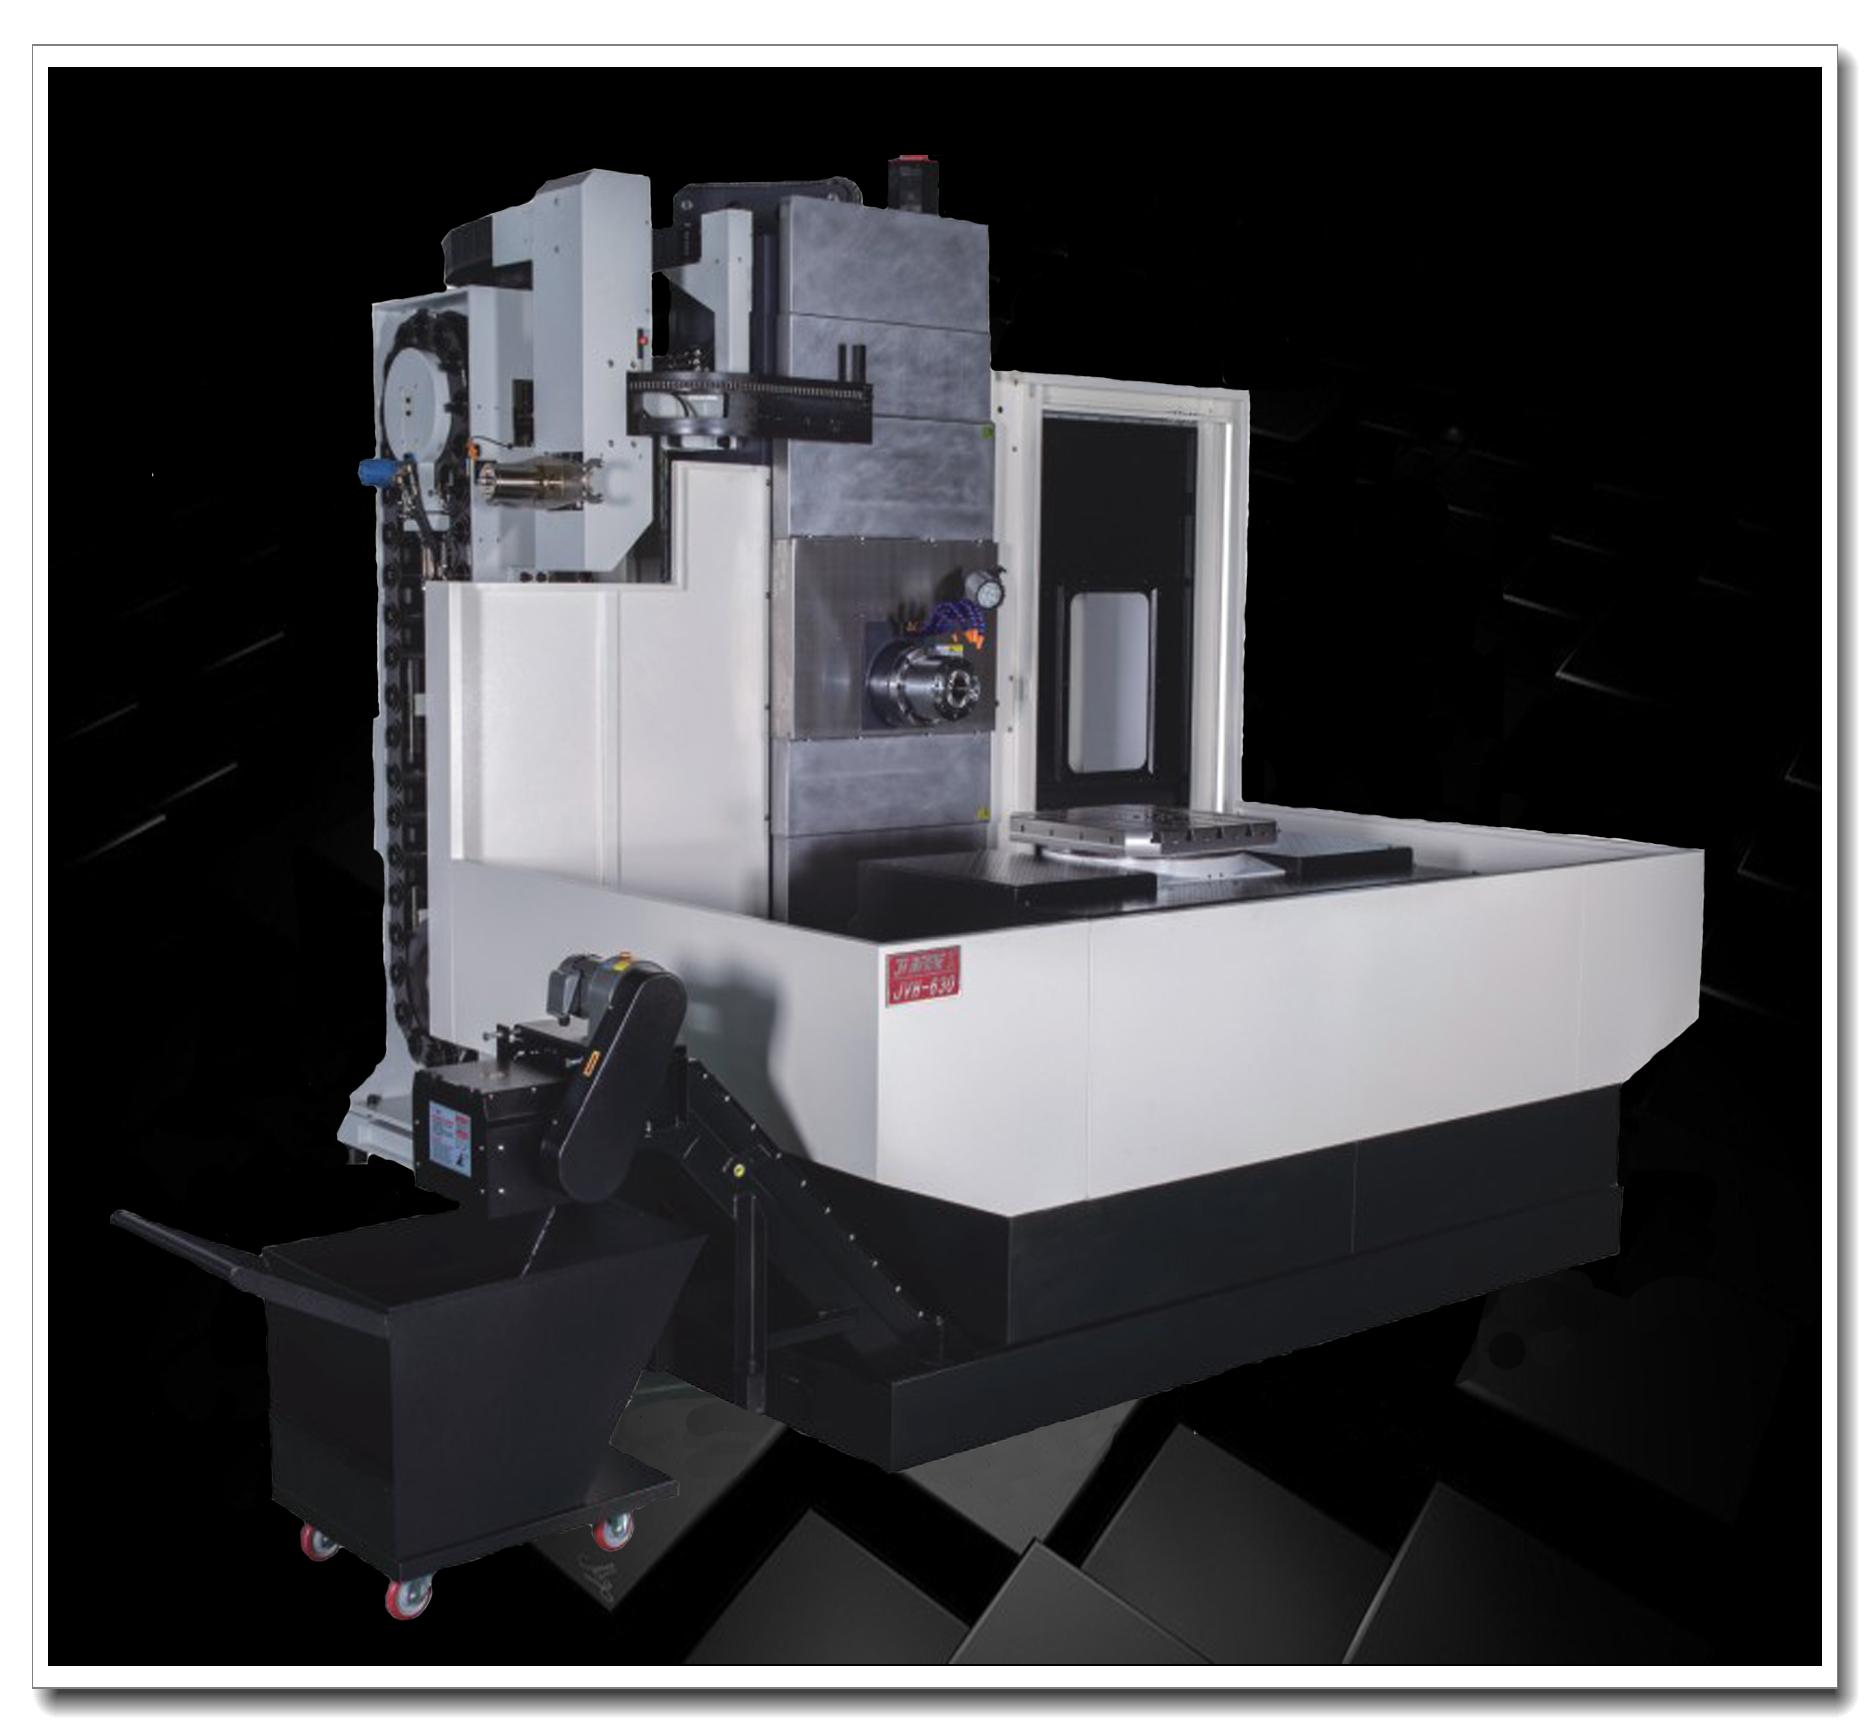 单工位卧式加工中心JVH-1000